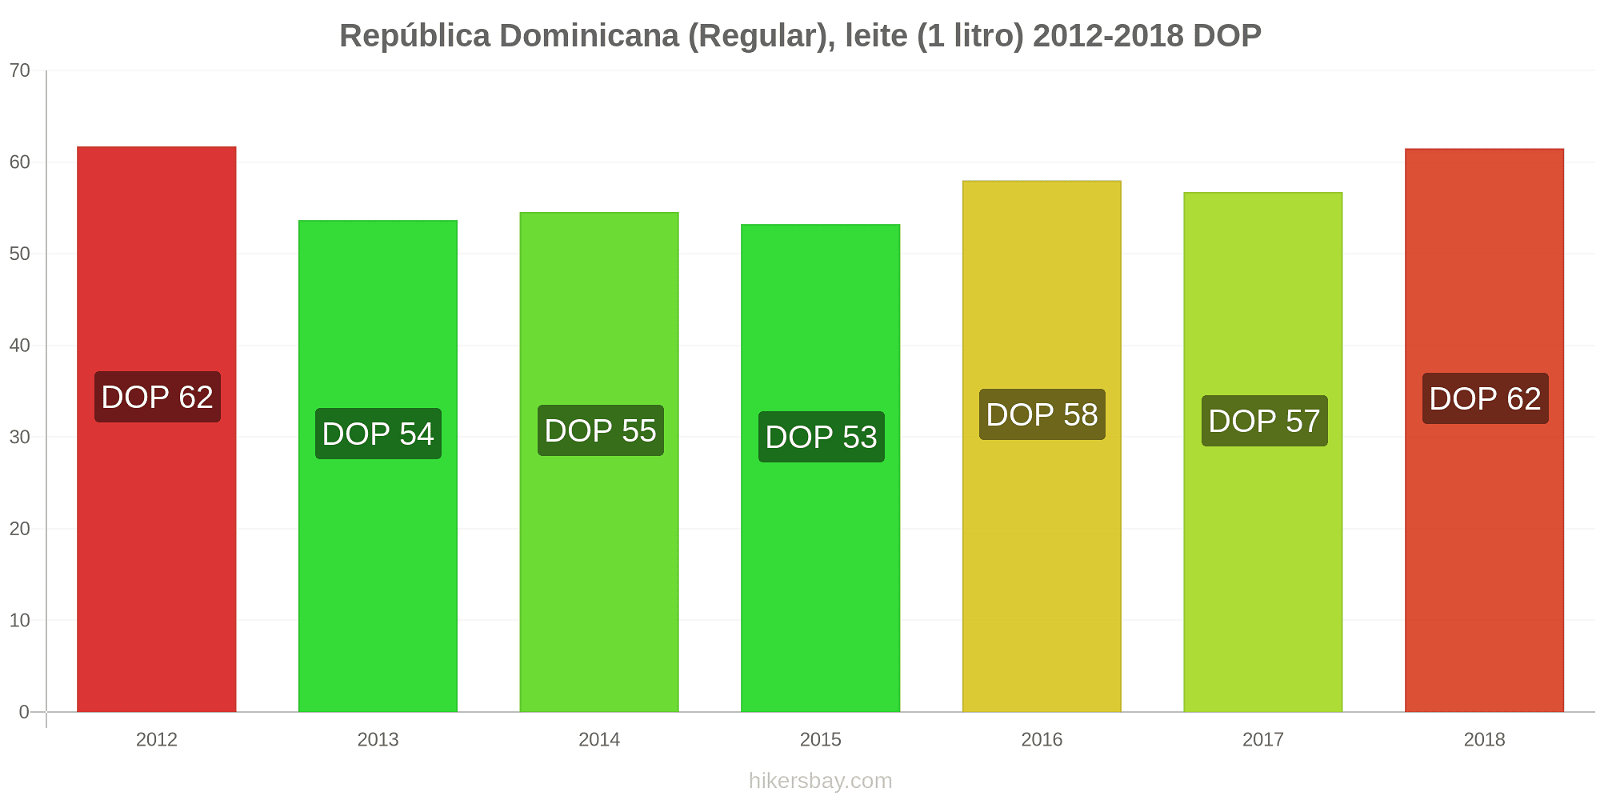 República Dominicana variação de preço (Regular), leite (1 litro) hikersbay.com